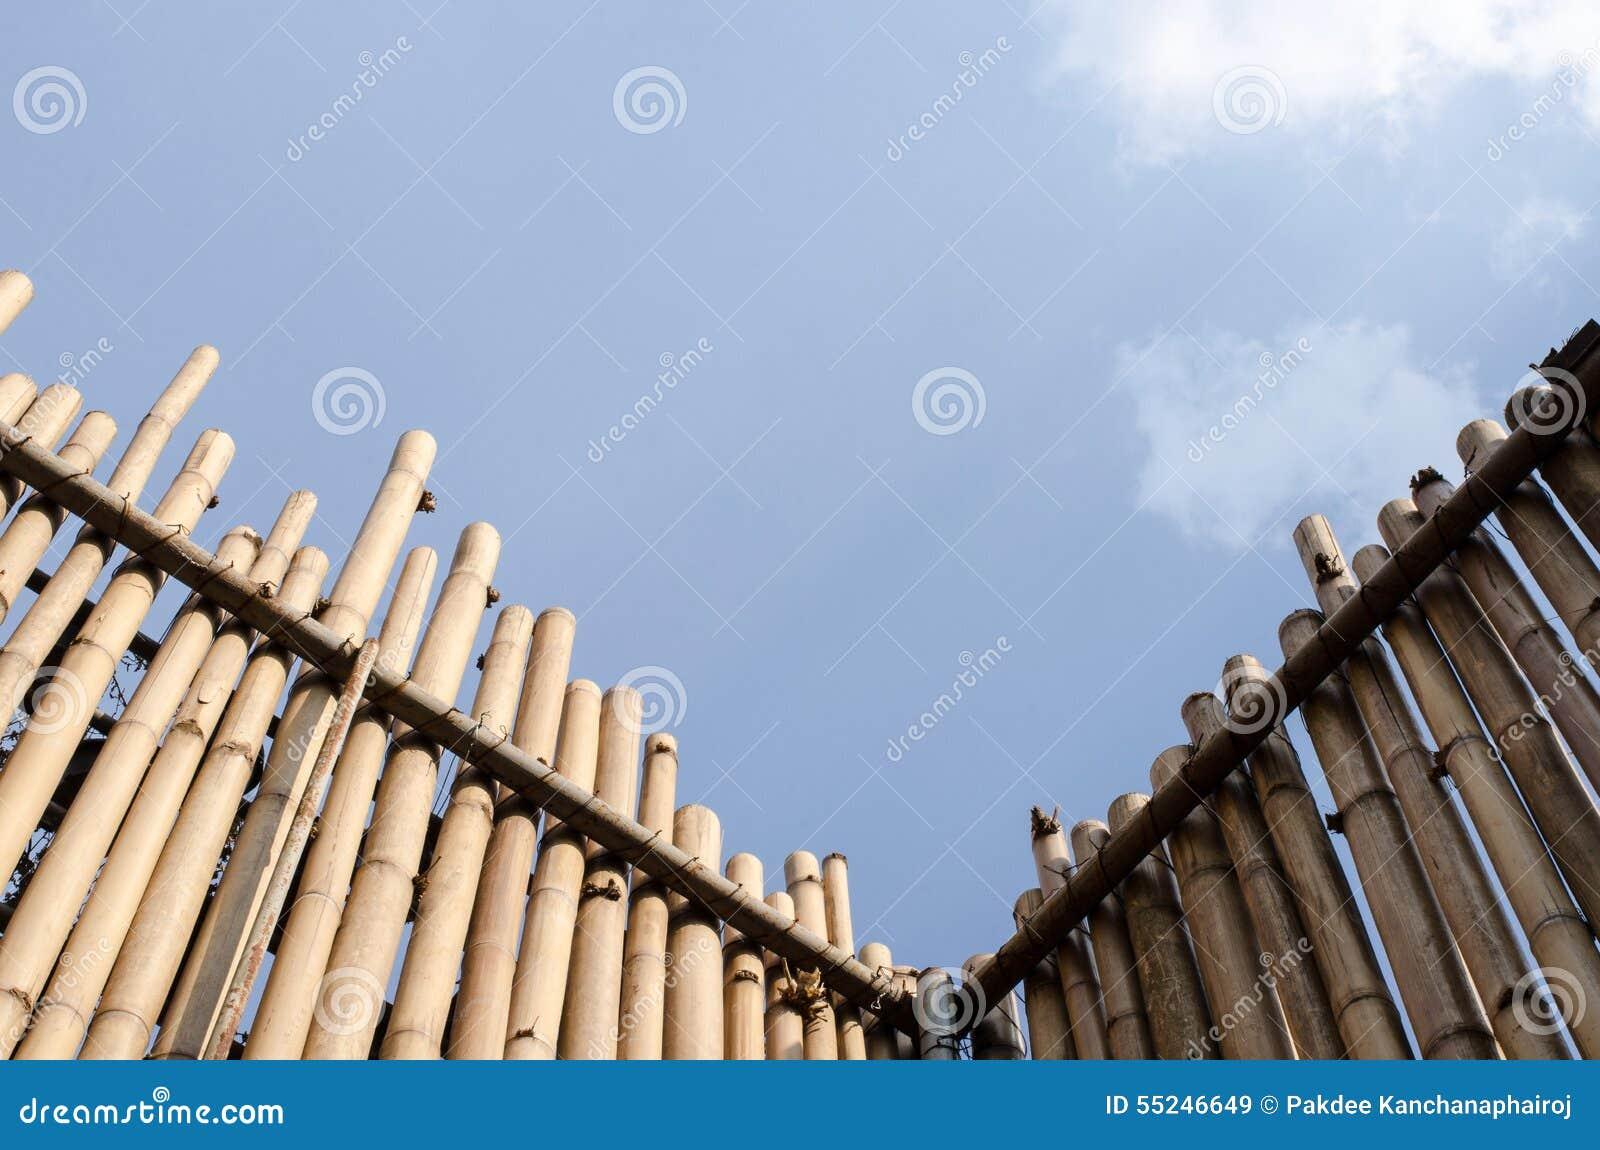 De hoek van negentig graden van de muur werd gemaakt van bamboe